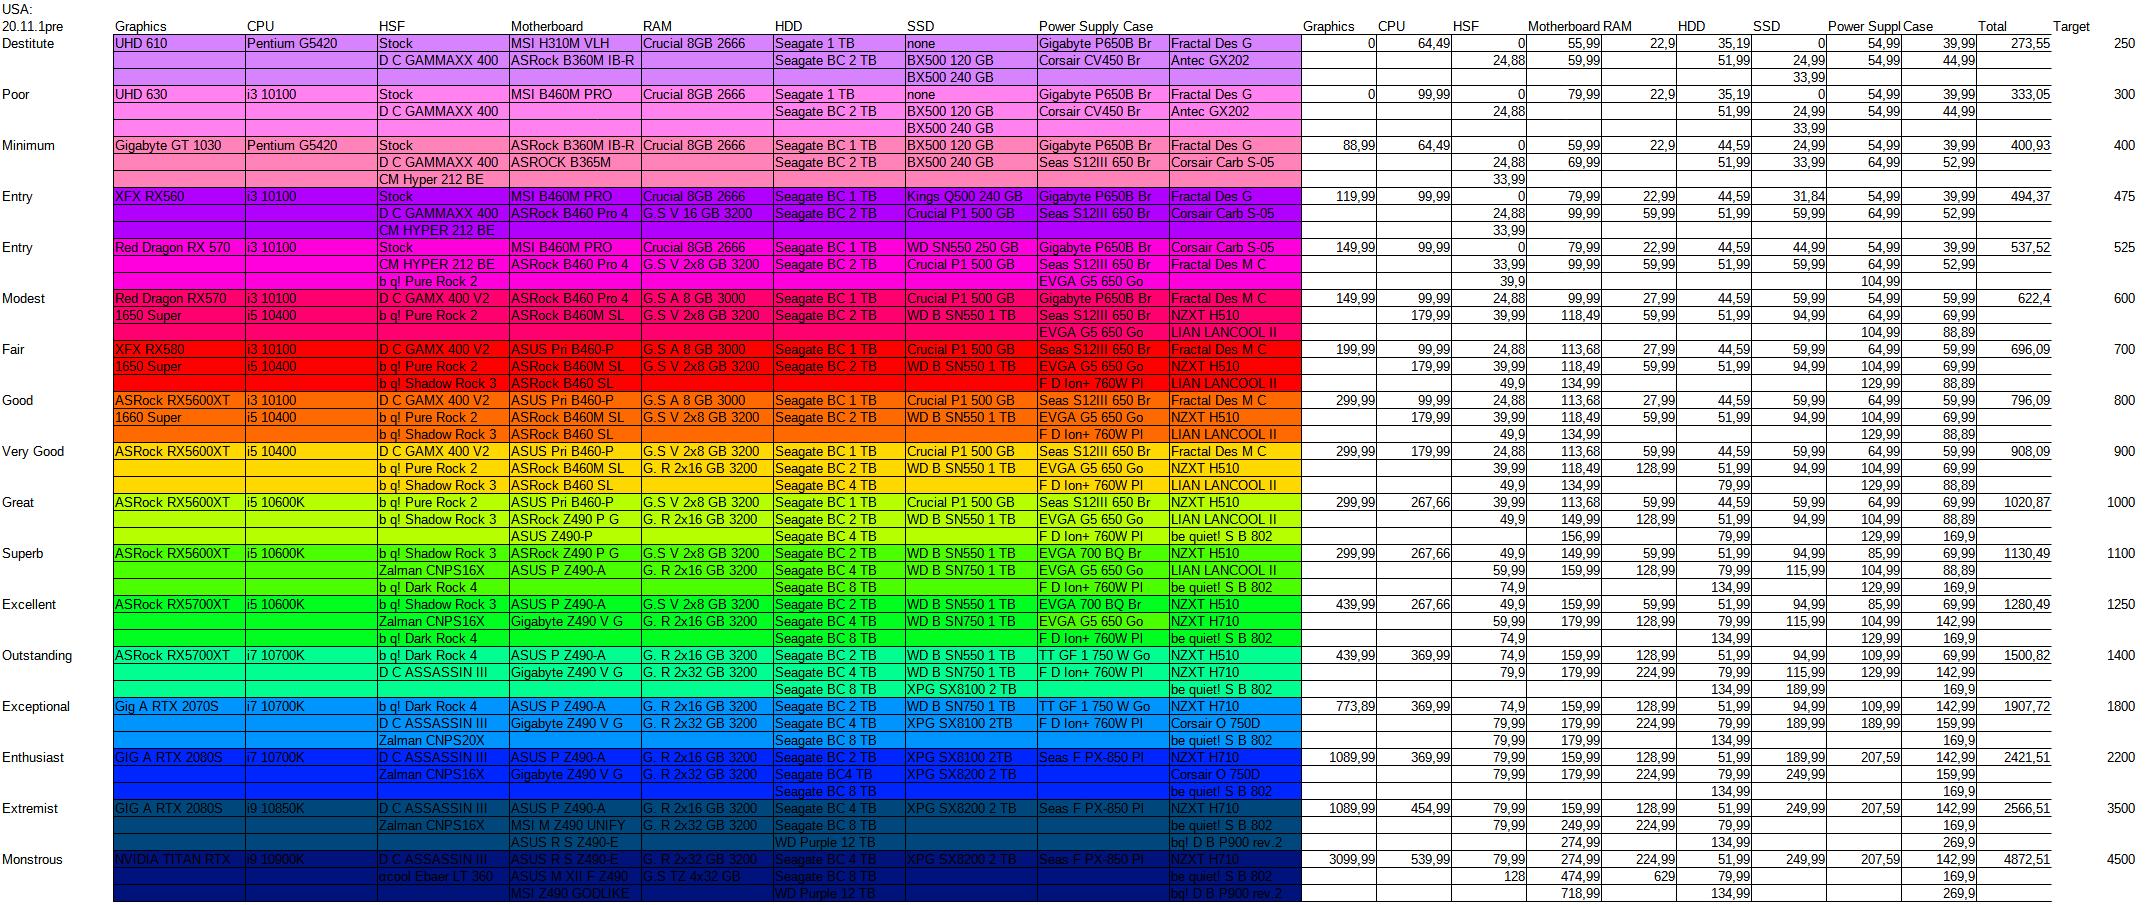 equinoxdini's-alternate-chart